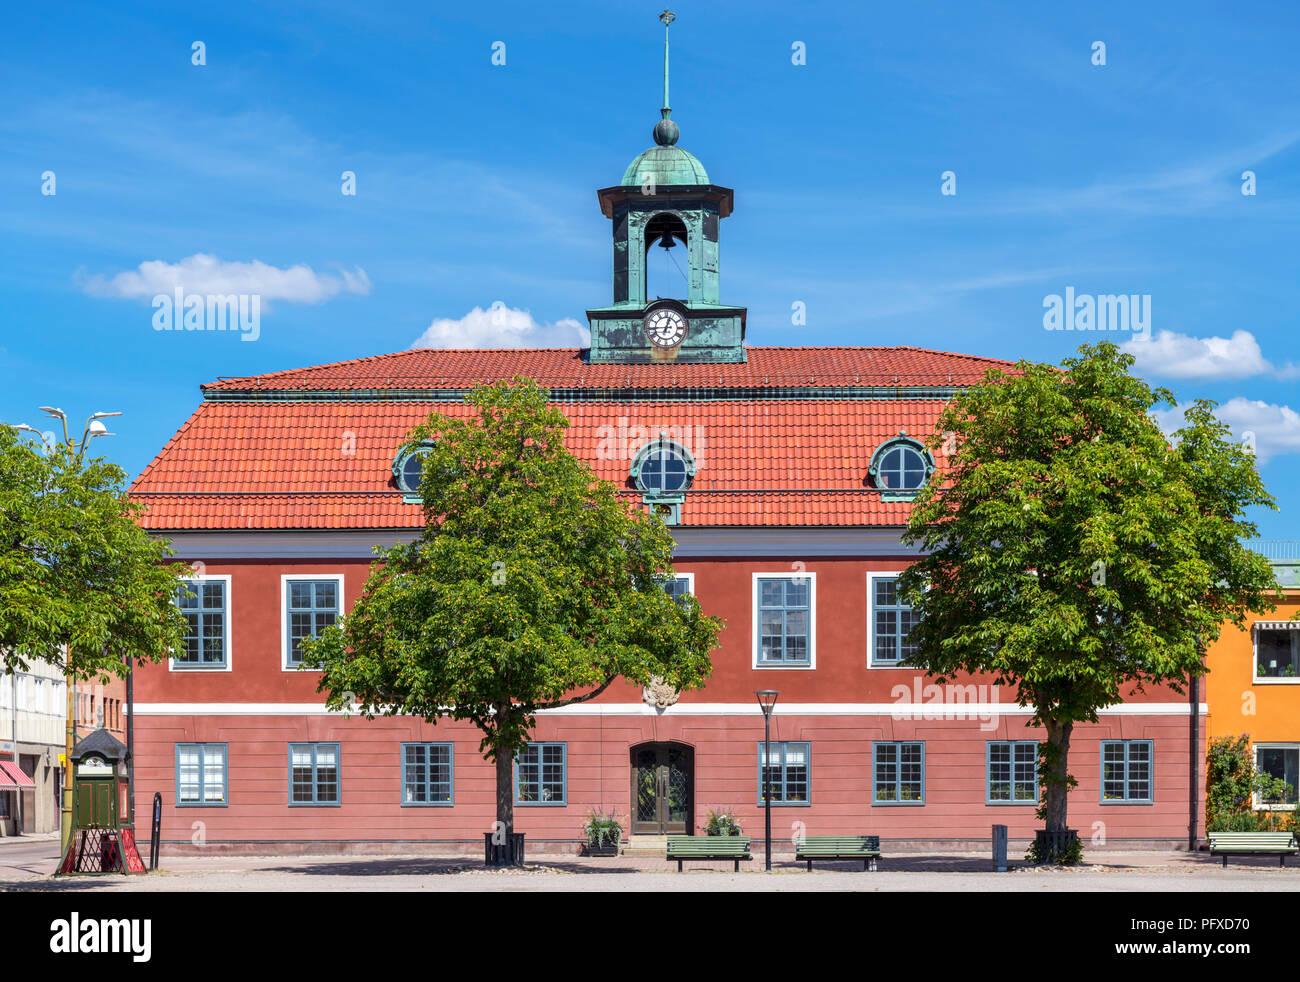 Rathaus auf dem Hauptplatz (Stora Torget), Sala, Västmanland, Schweden Stockbild